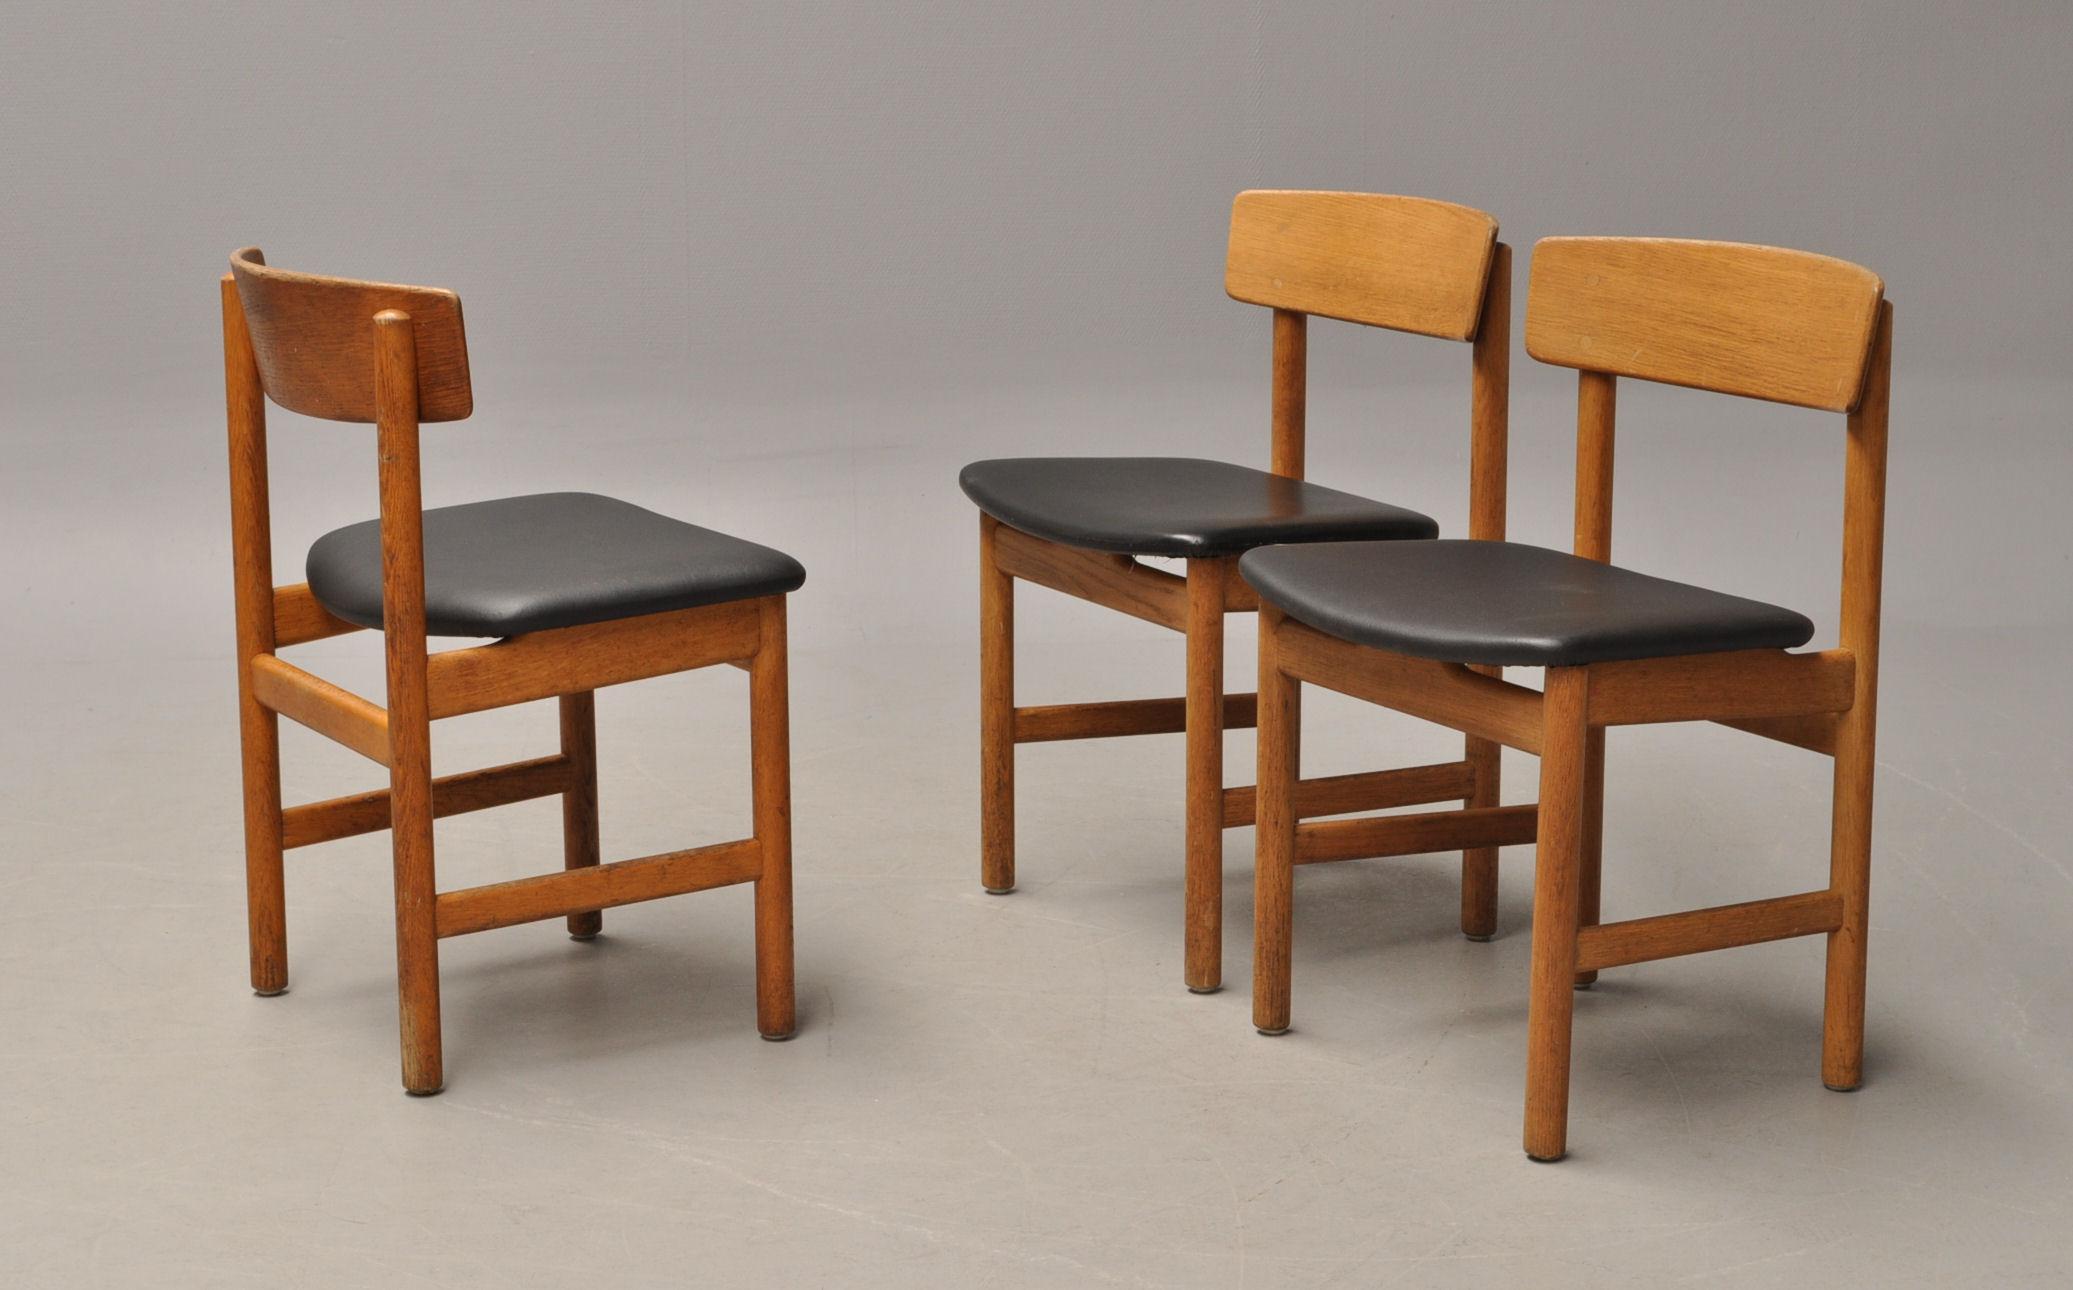 Børge Mogensen. Et sæt på tre stole af eg, model 3236. (3